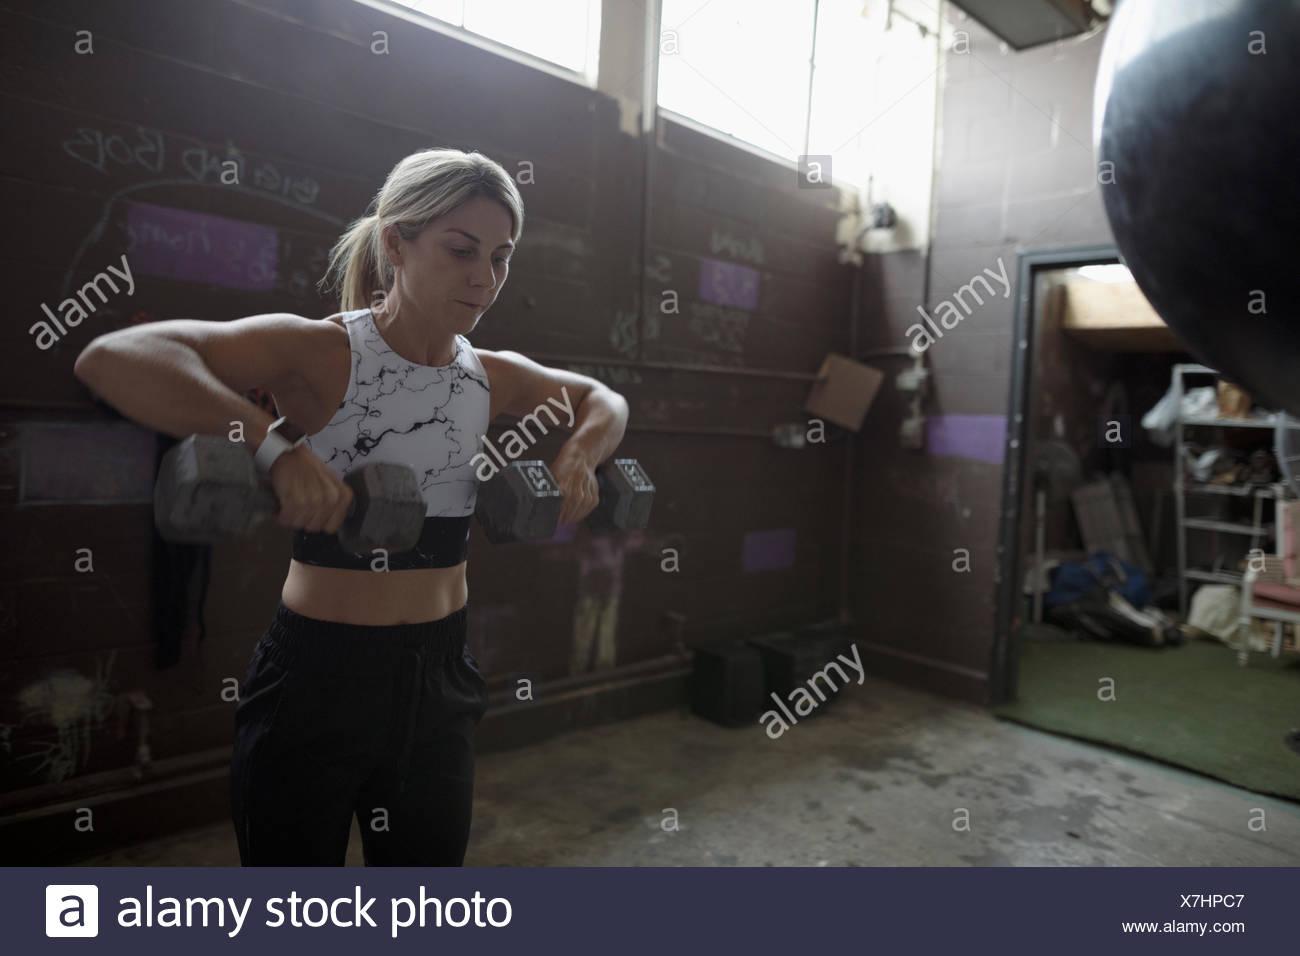 La donna il sollevamento pesi con manubri in palestra grintoso Immagini Stock